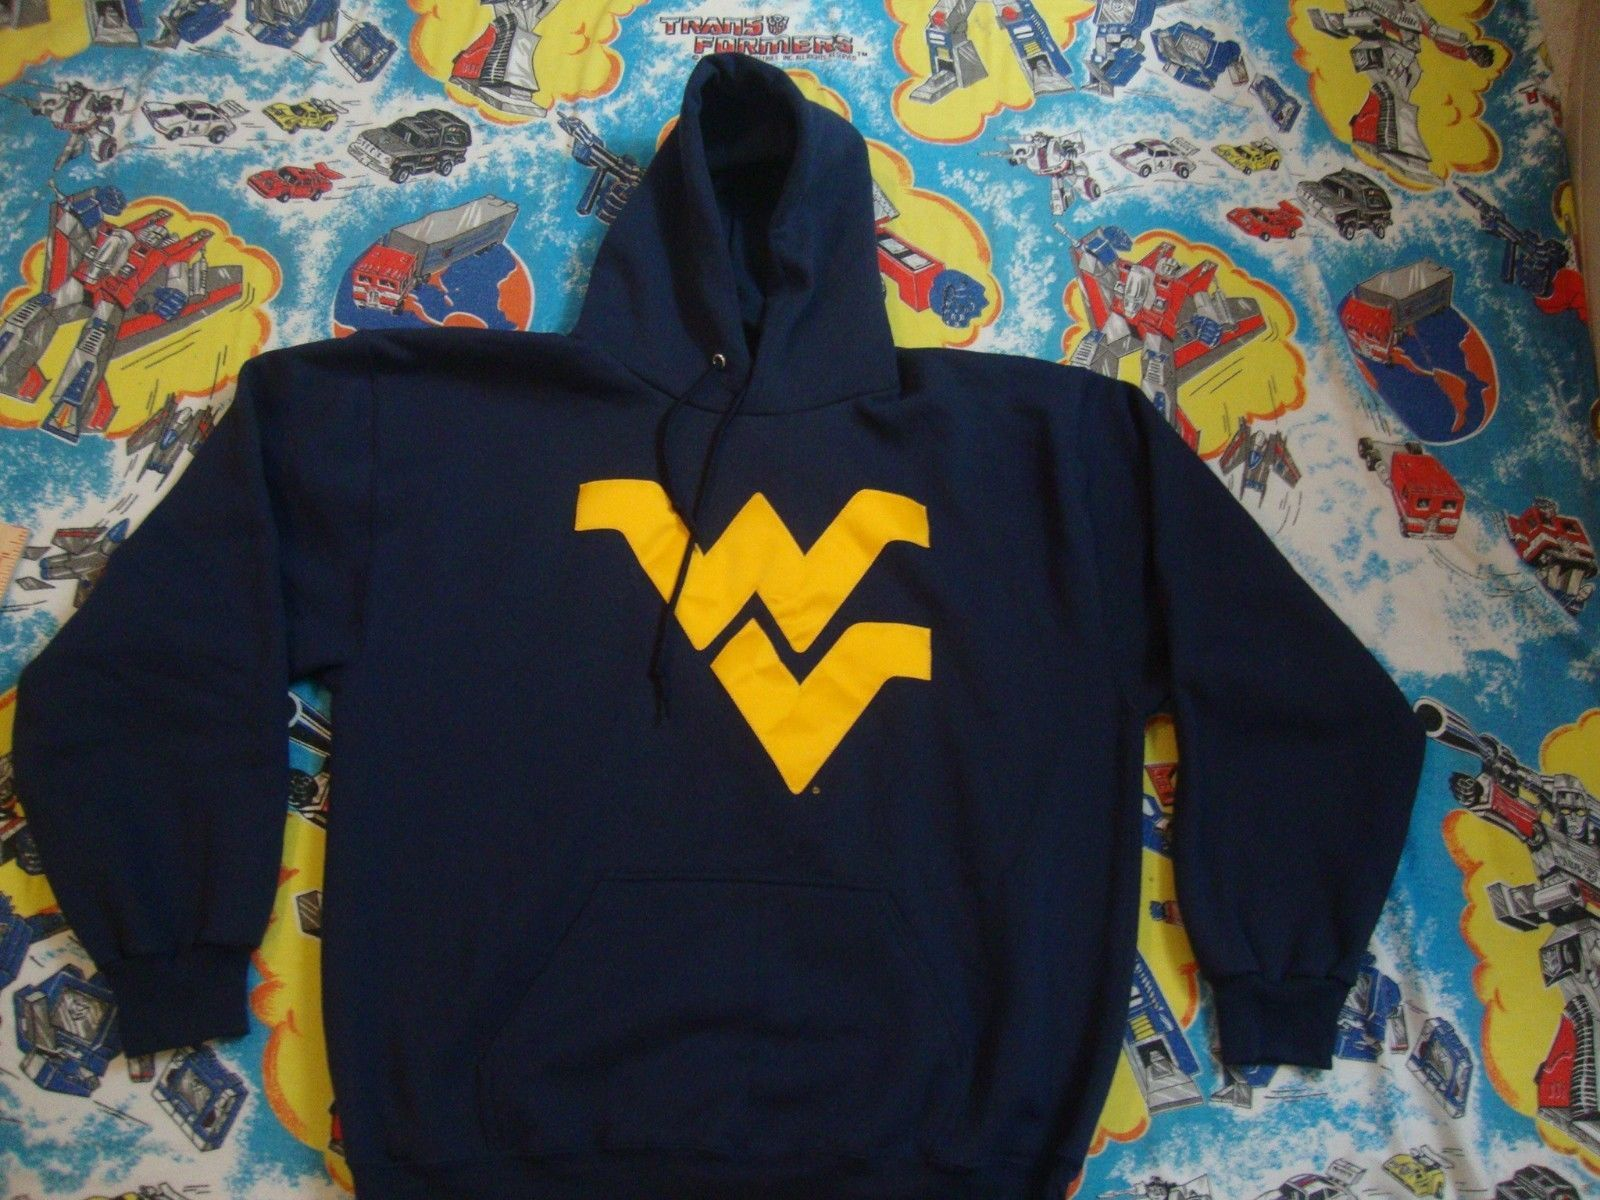 NCAA West Virginia Mountaineers Blue Sewn Logo Hoodie Sweatshirt Adult size L